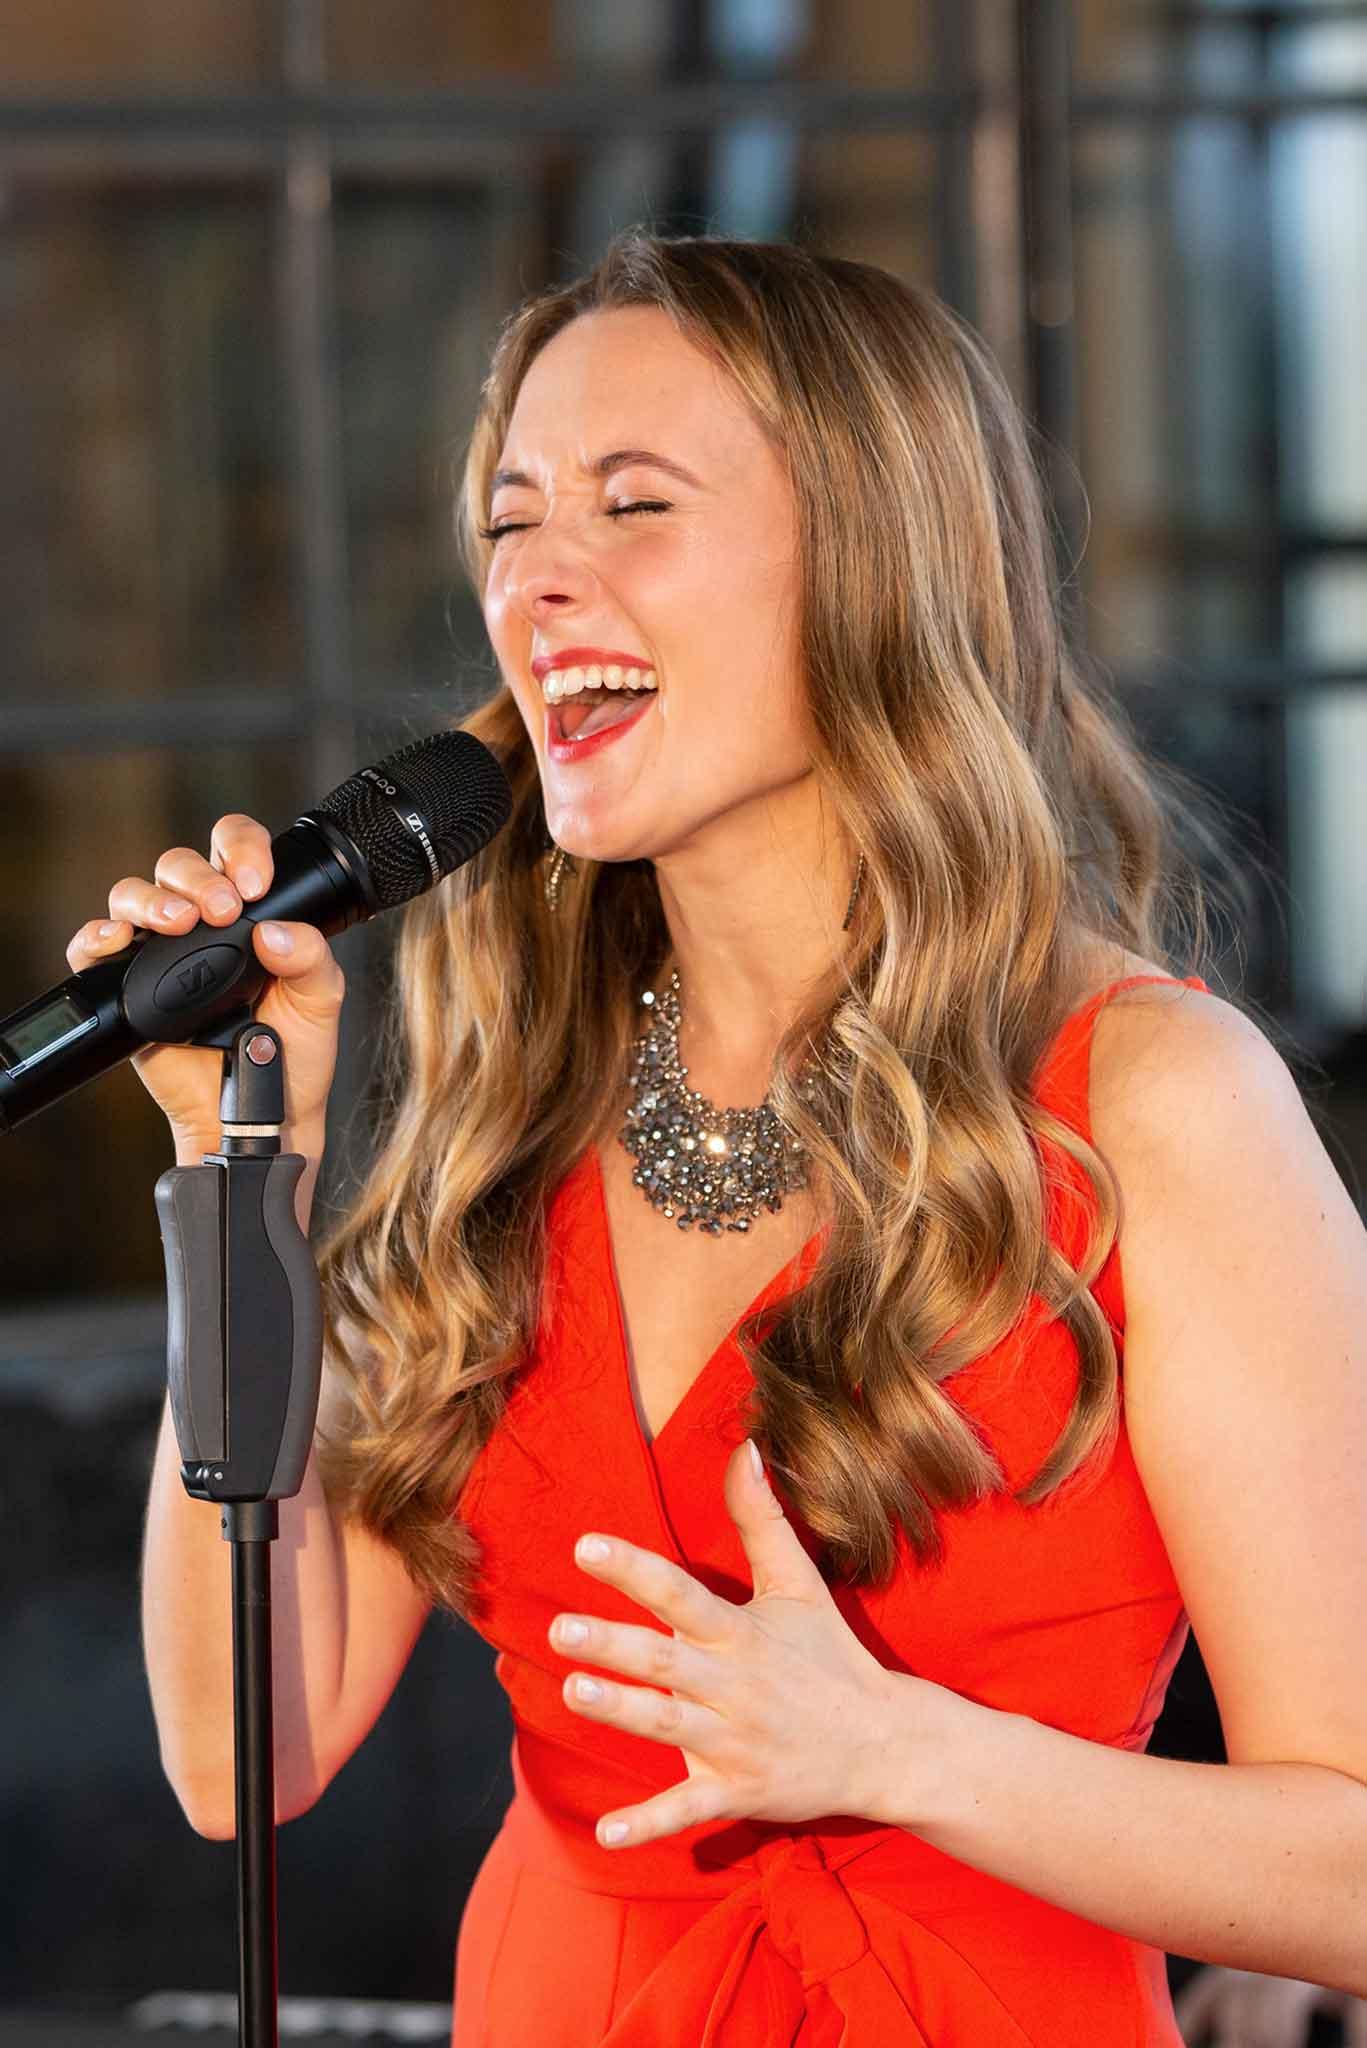 Hochzeitssängerin Jasmin Graff singt energetsich in ein Mikrofon